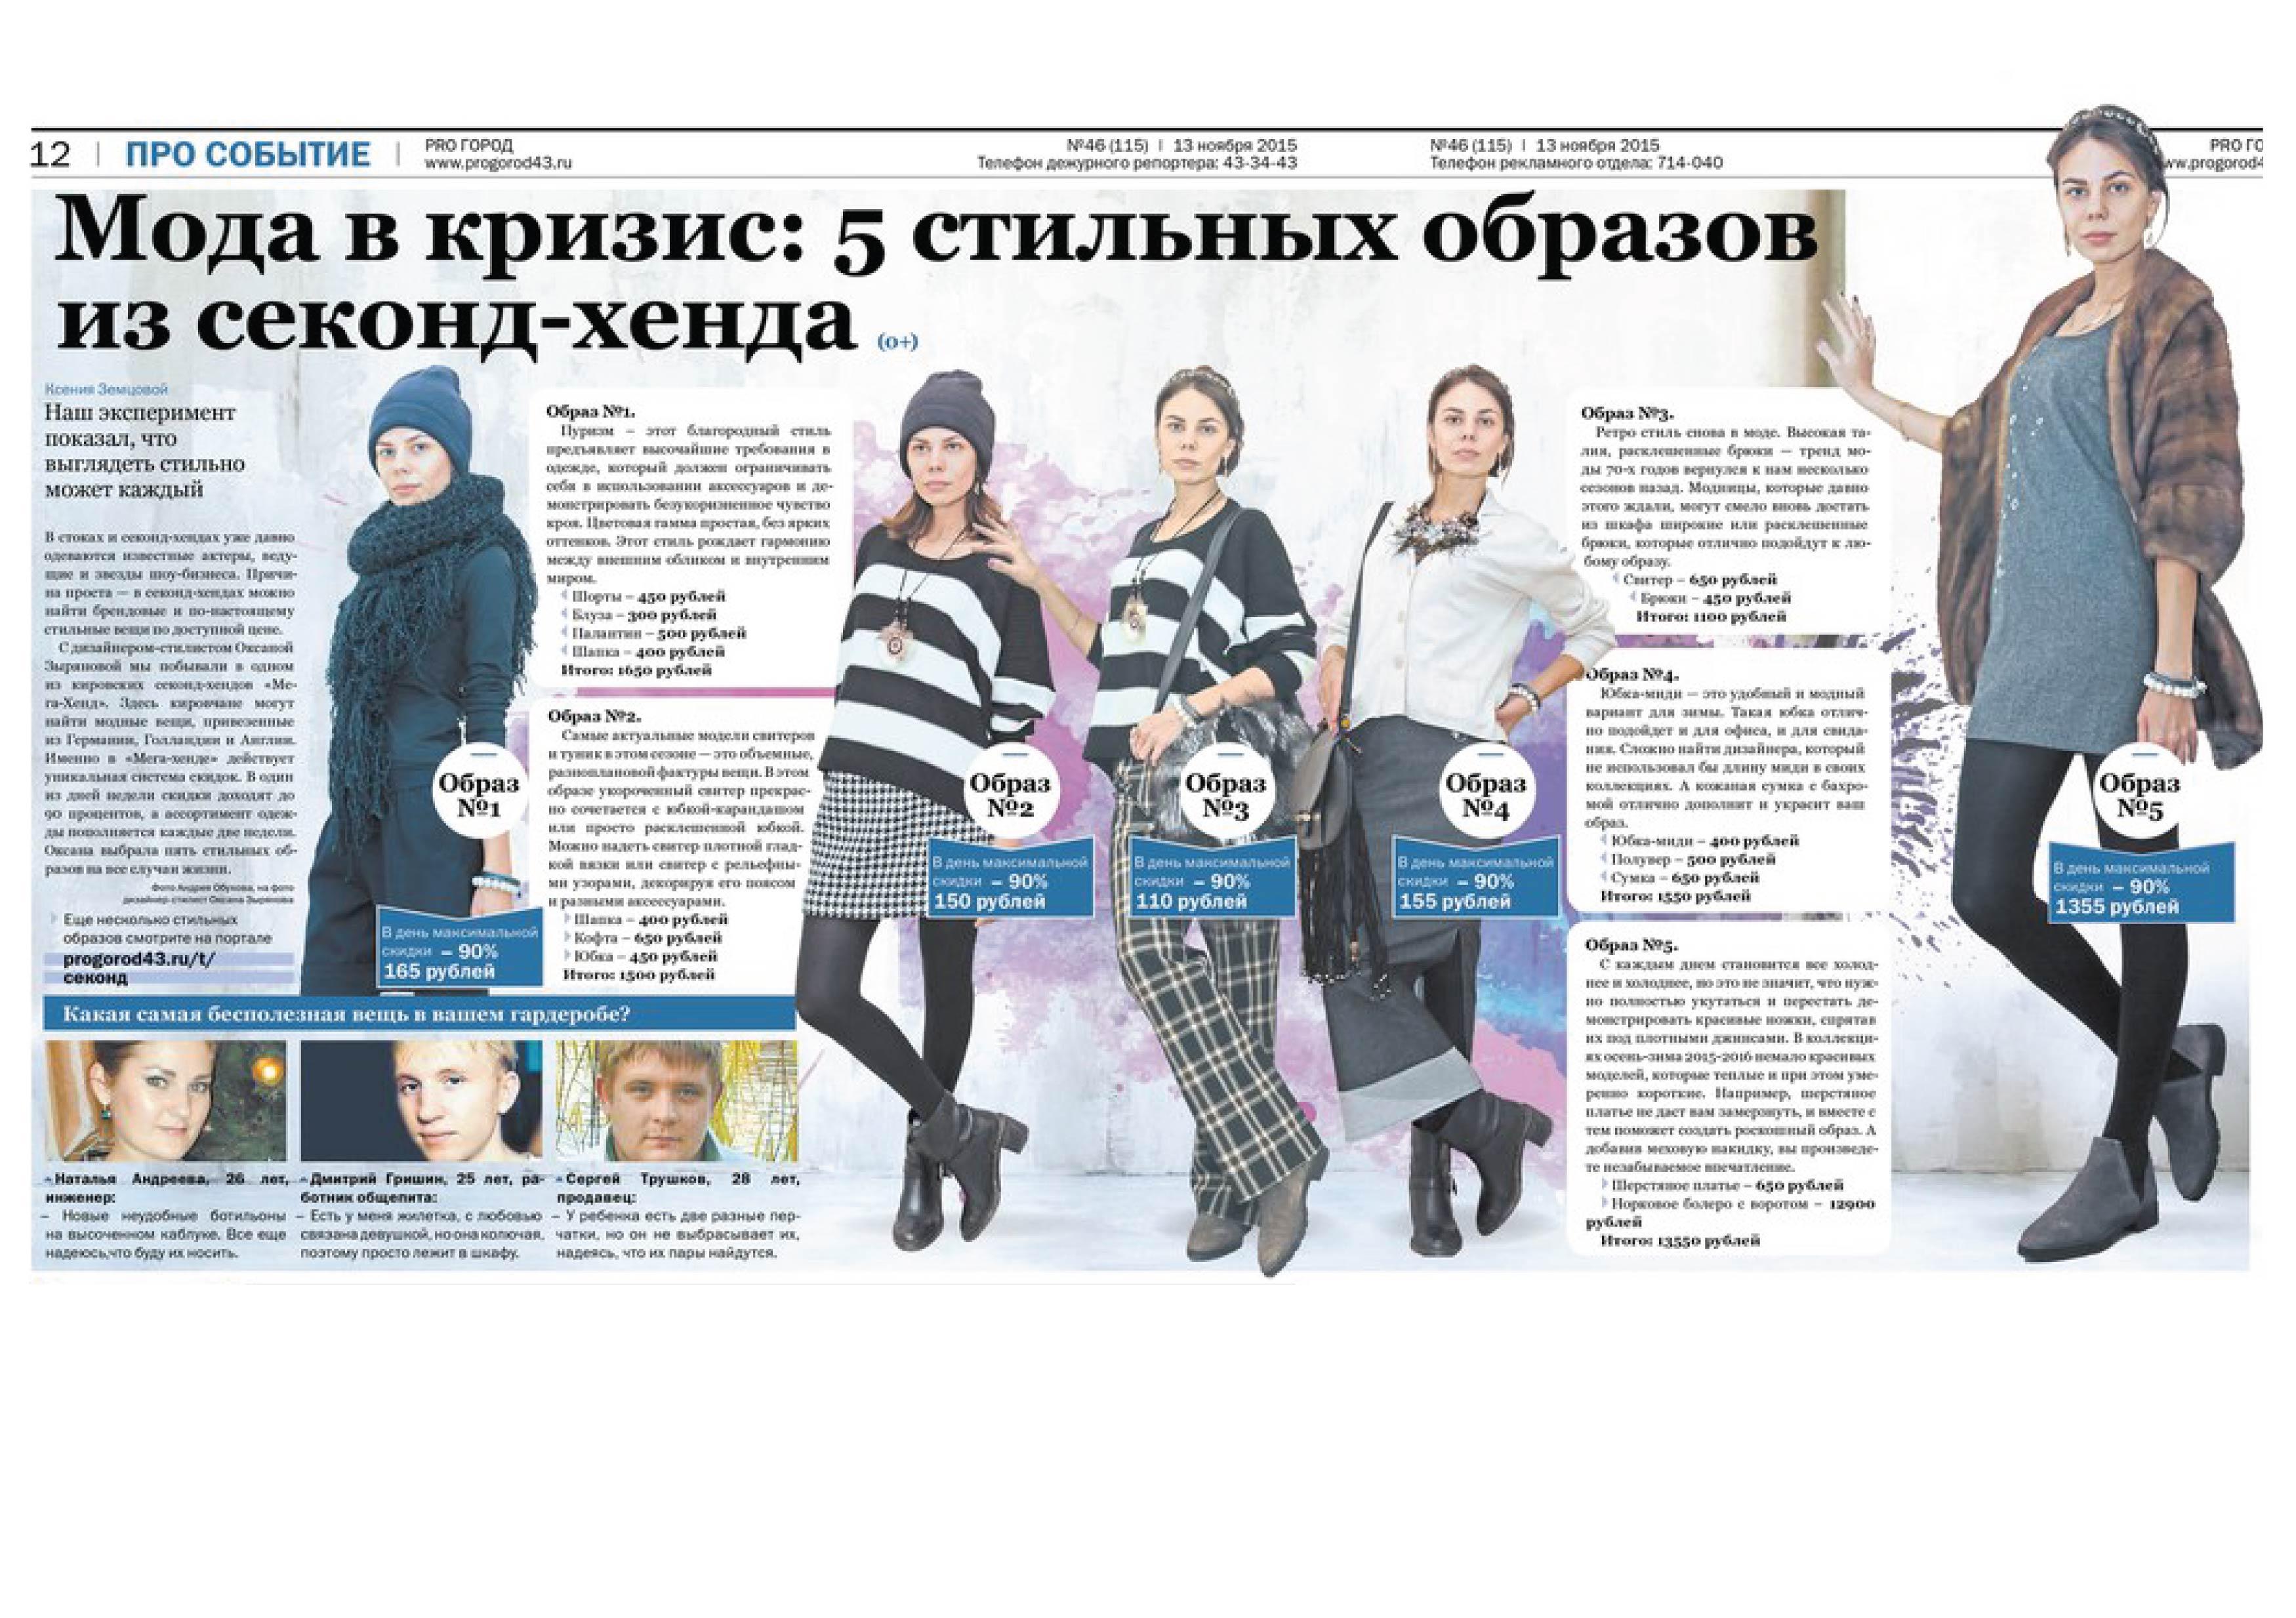 moda-v-krizis